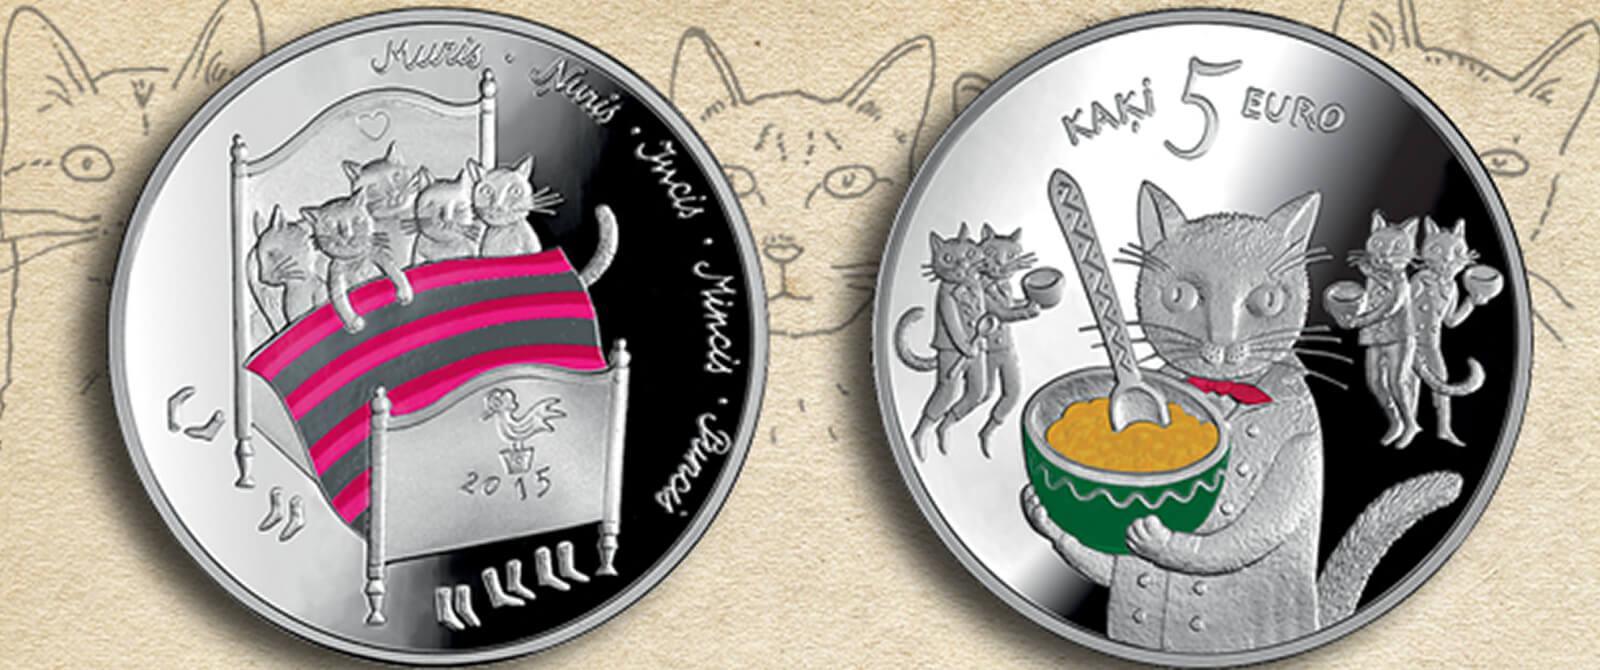 Latviškos penkių eurų moneta